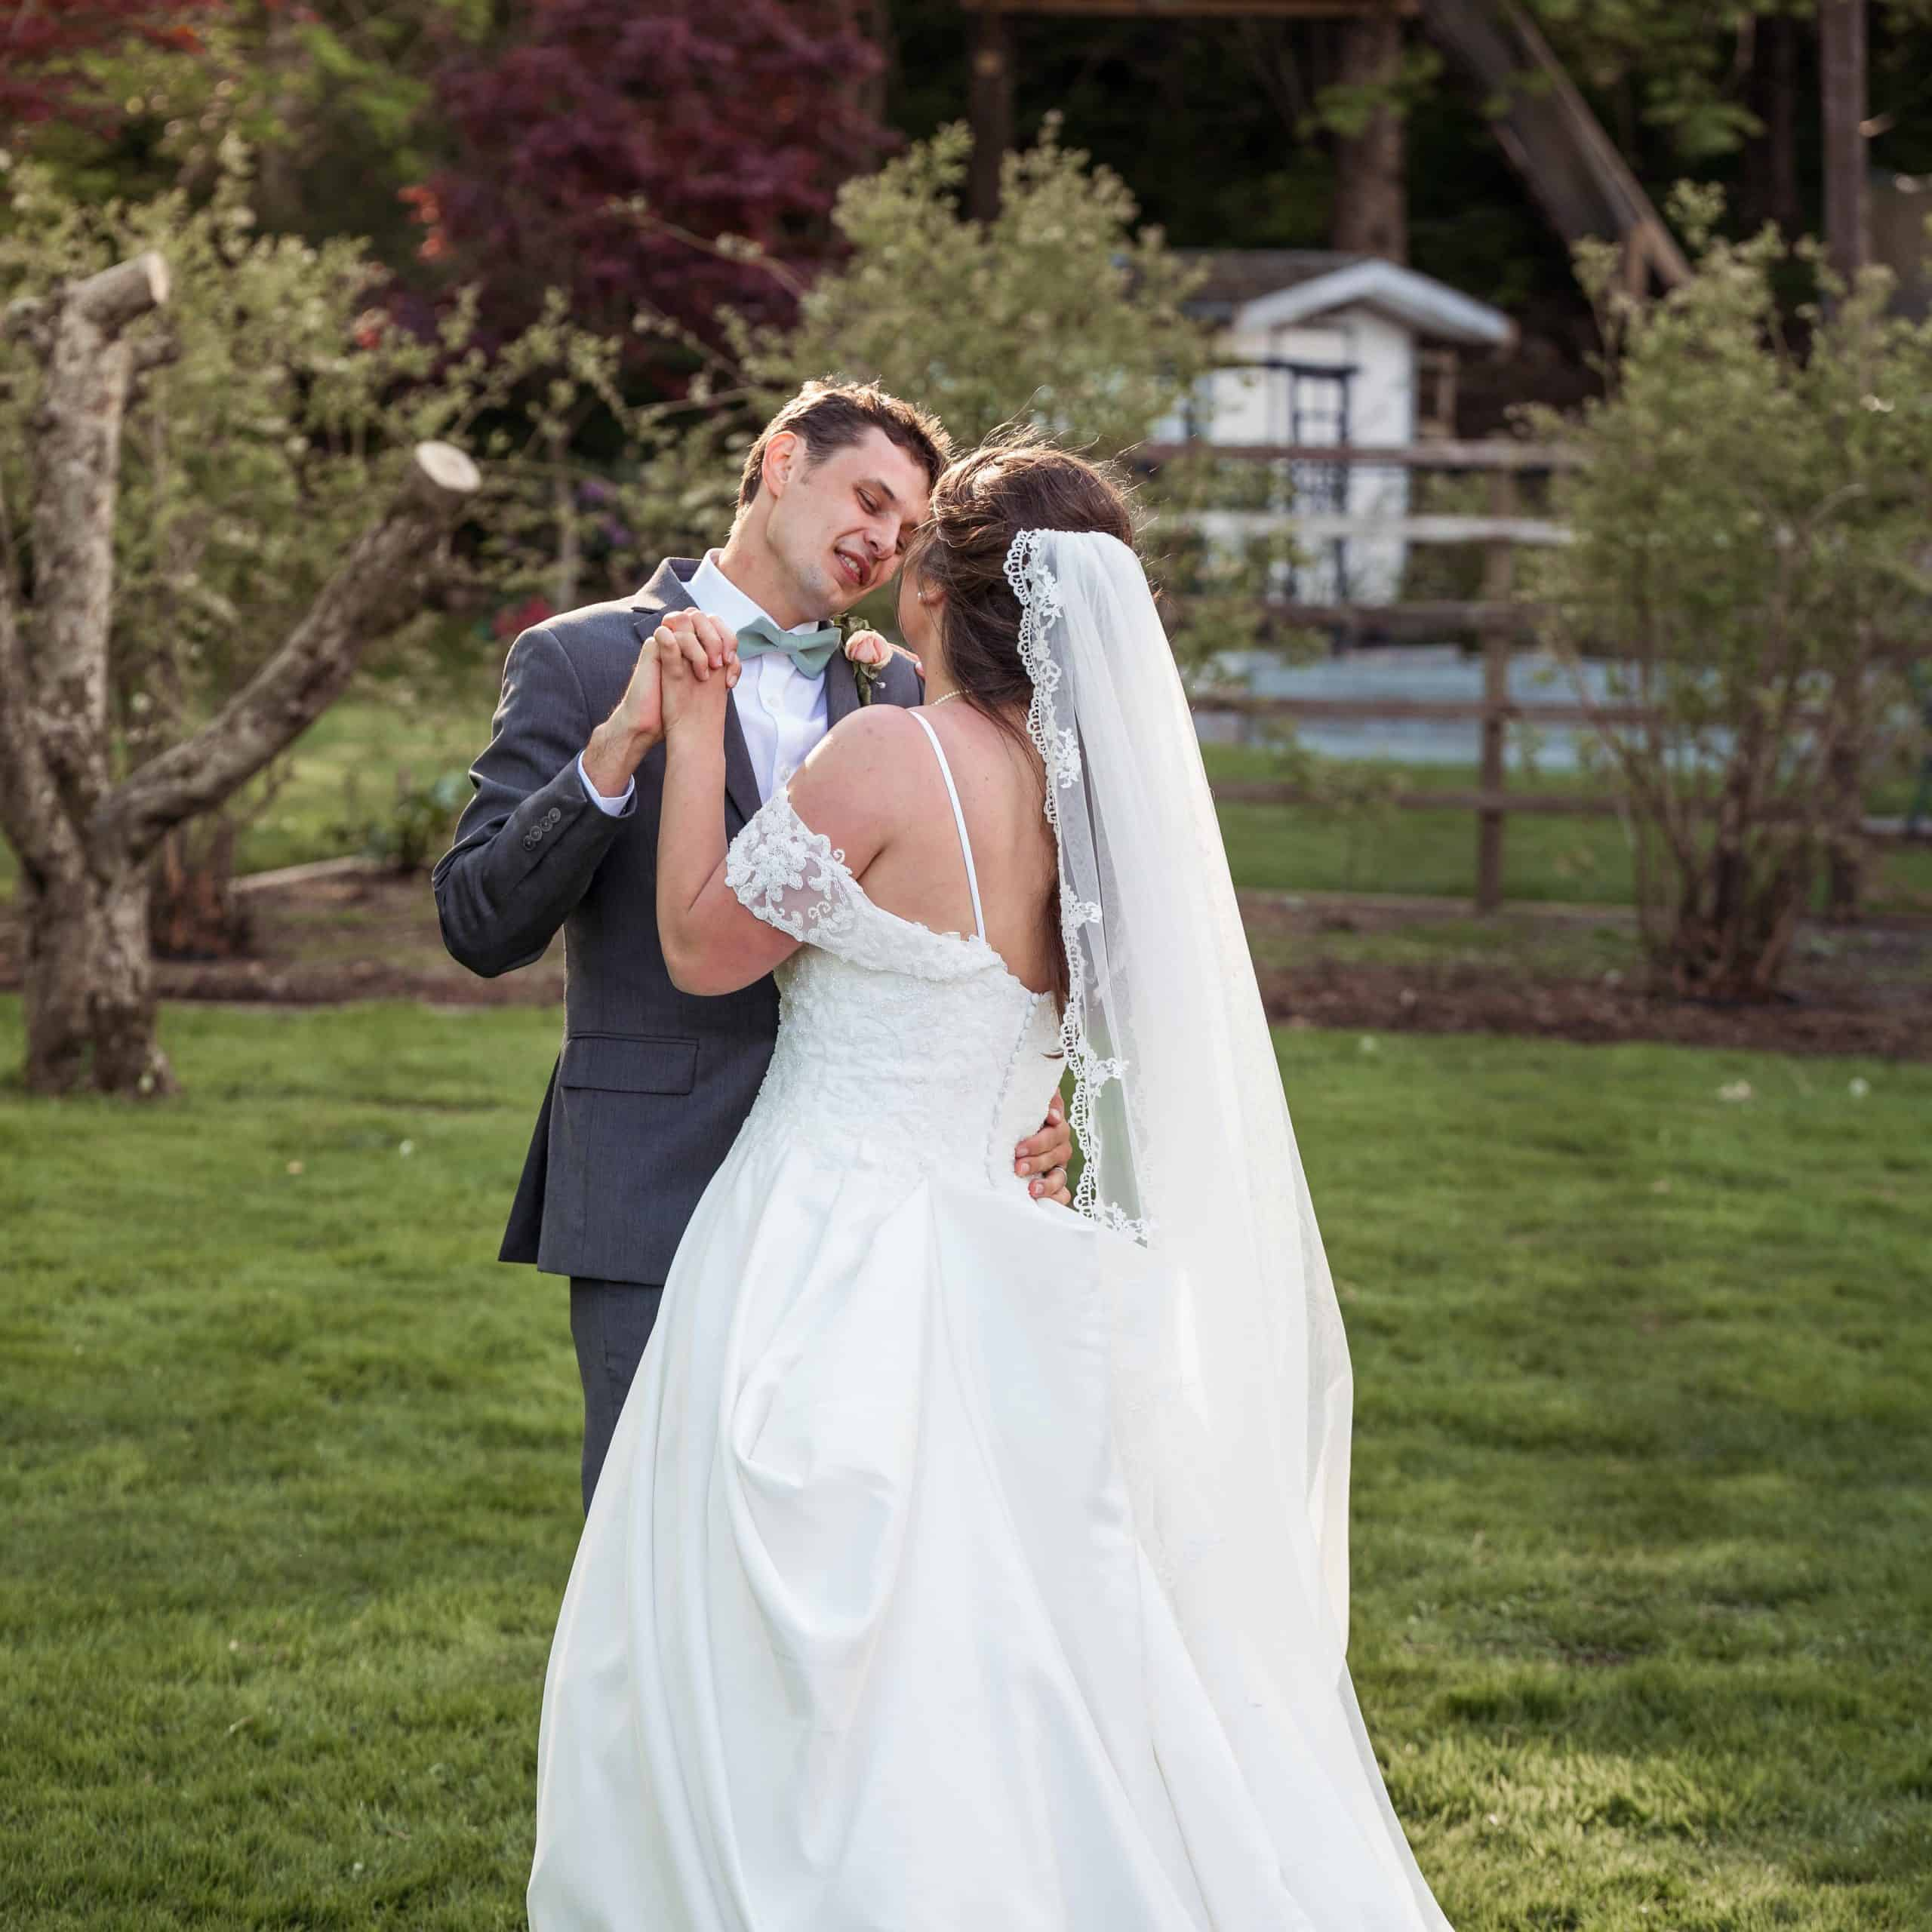 bride and groom dancing in yard